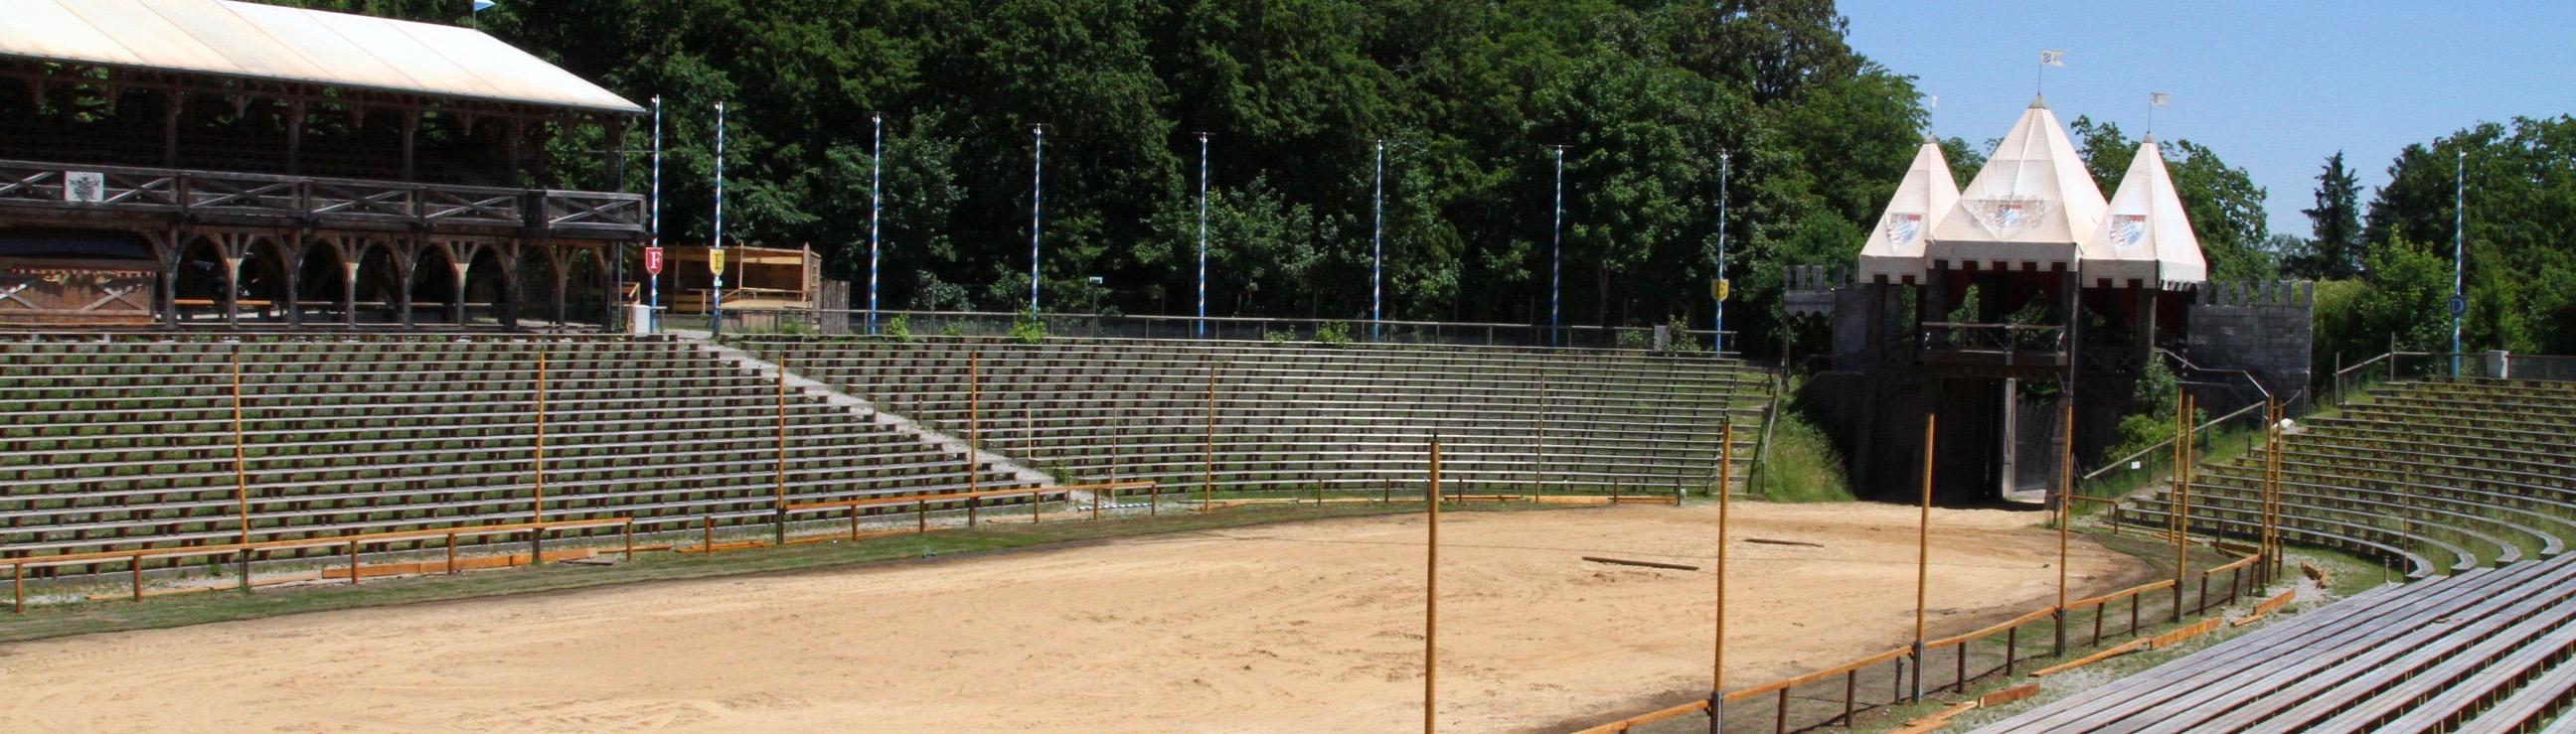 Die größte Ritterturnier Arena der Welt